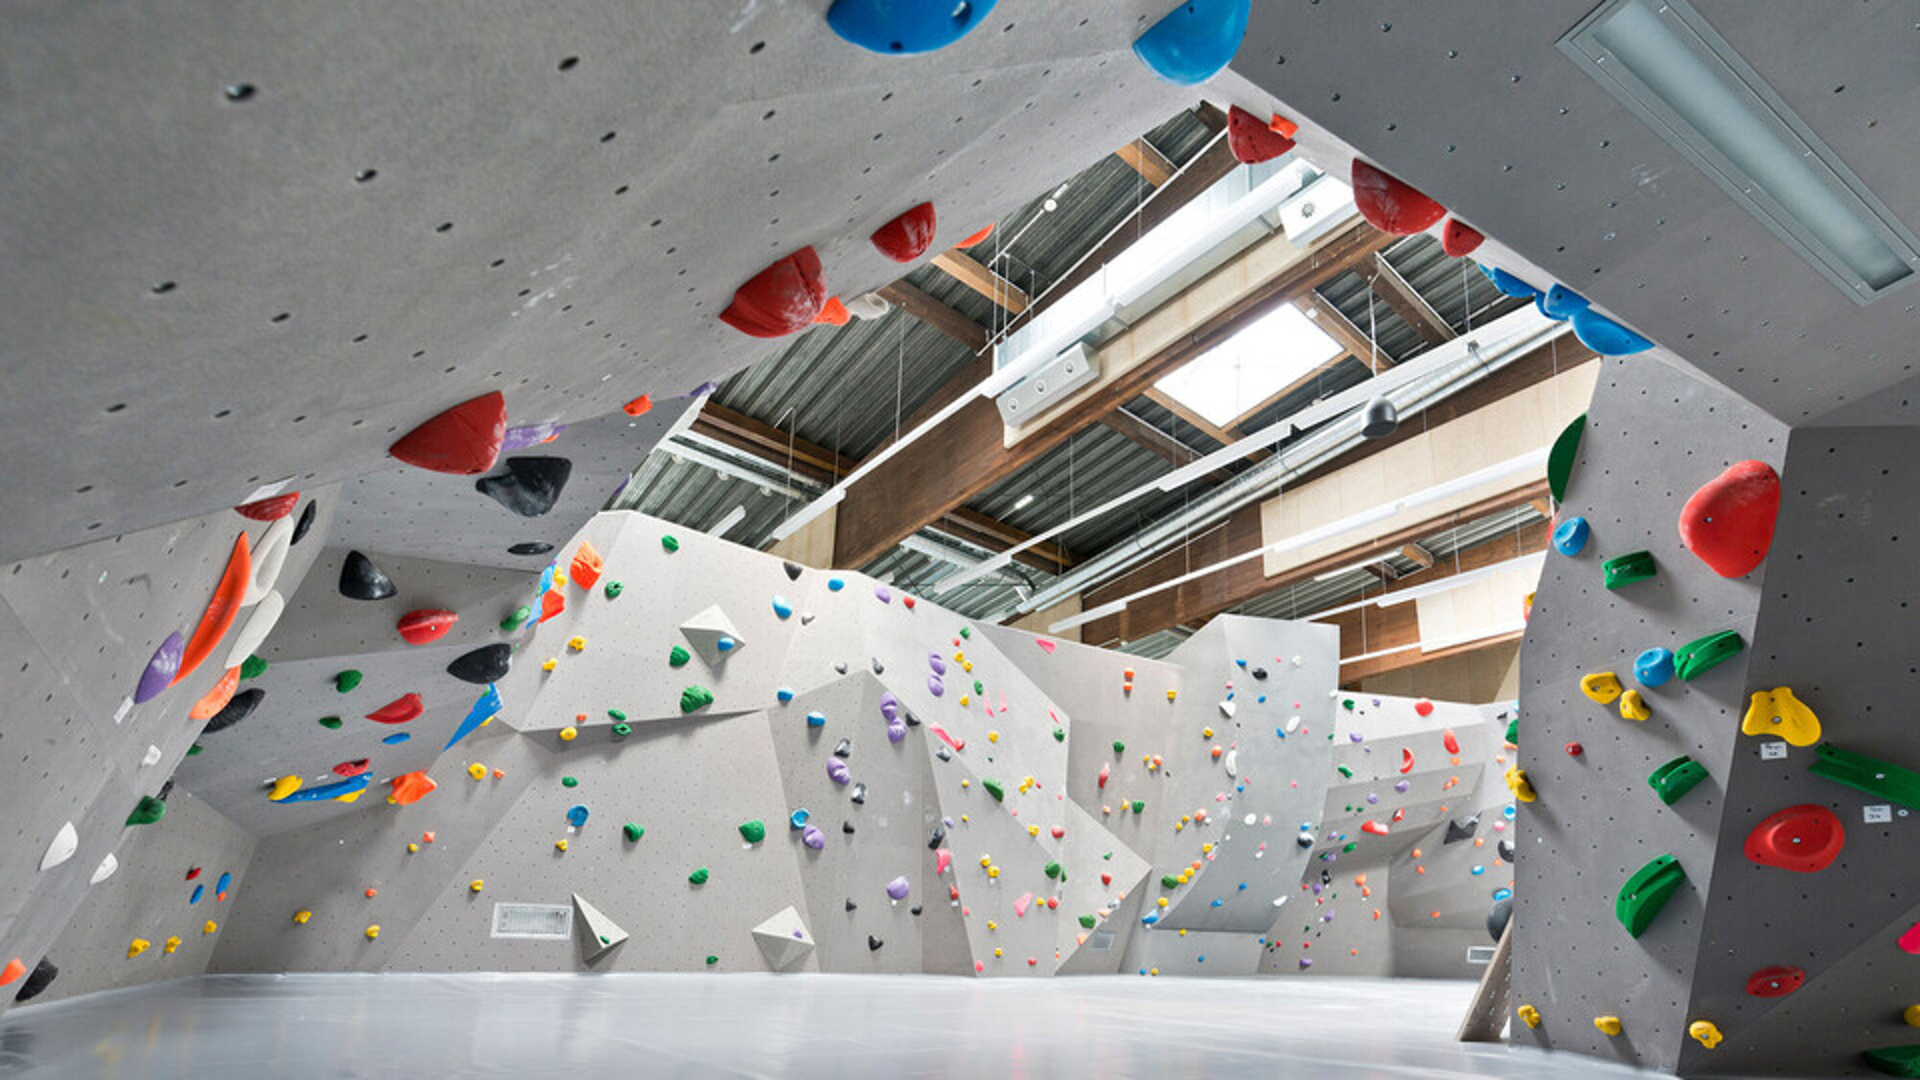 reference, kletterzentrum innsbruck, climbing centre, climbing wall, interior view, austria